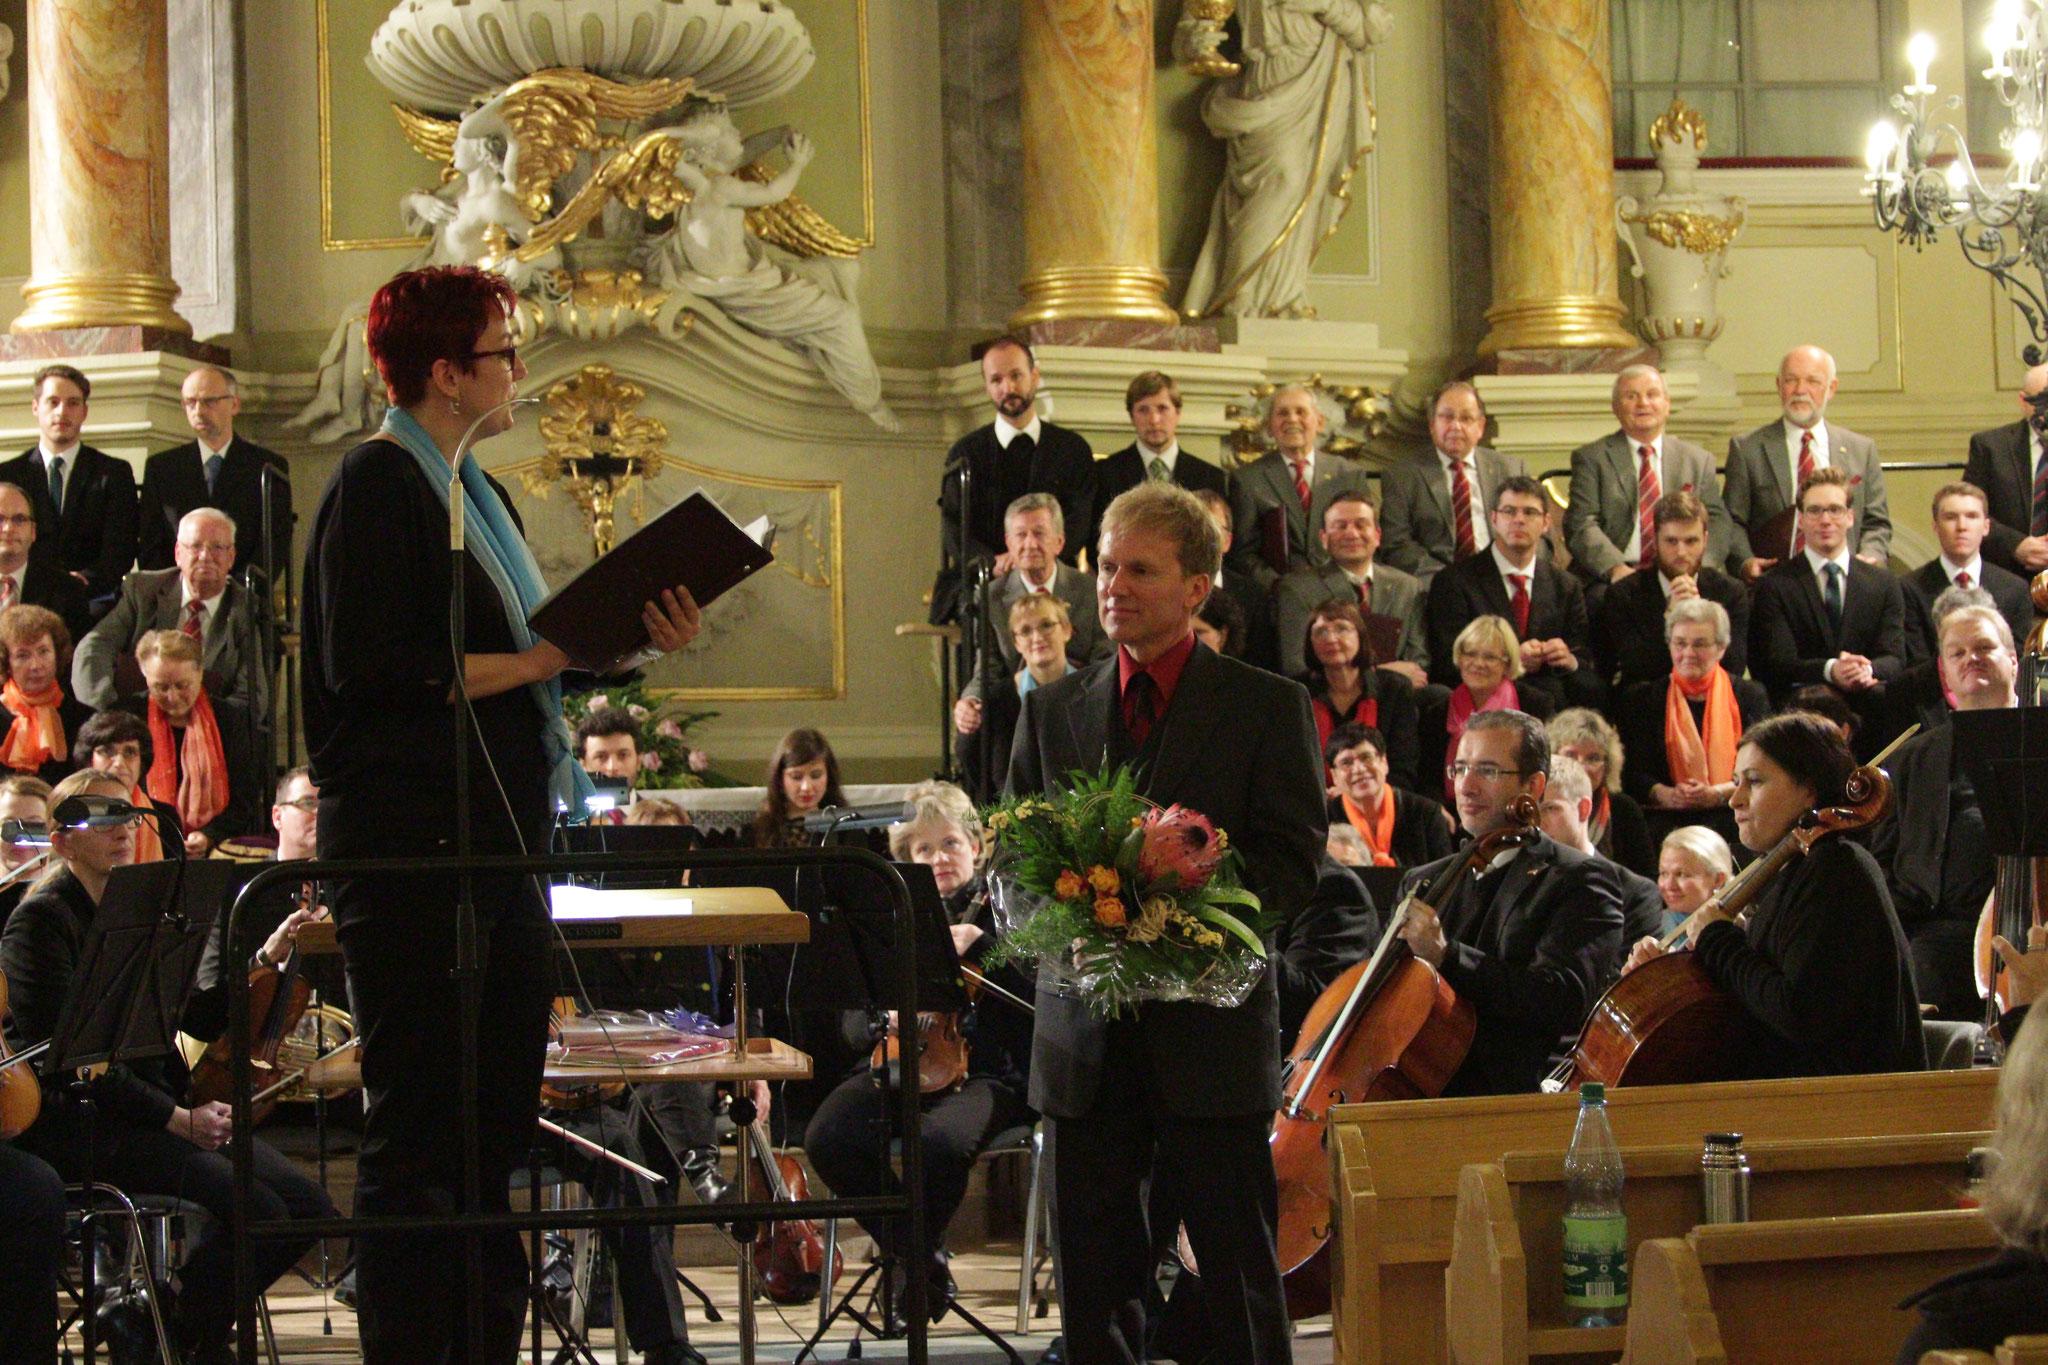 Verabschiedung von unserem langjährigen Chorleiter Lars Deke